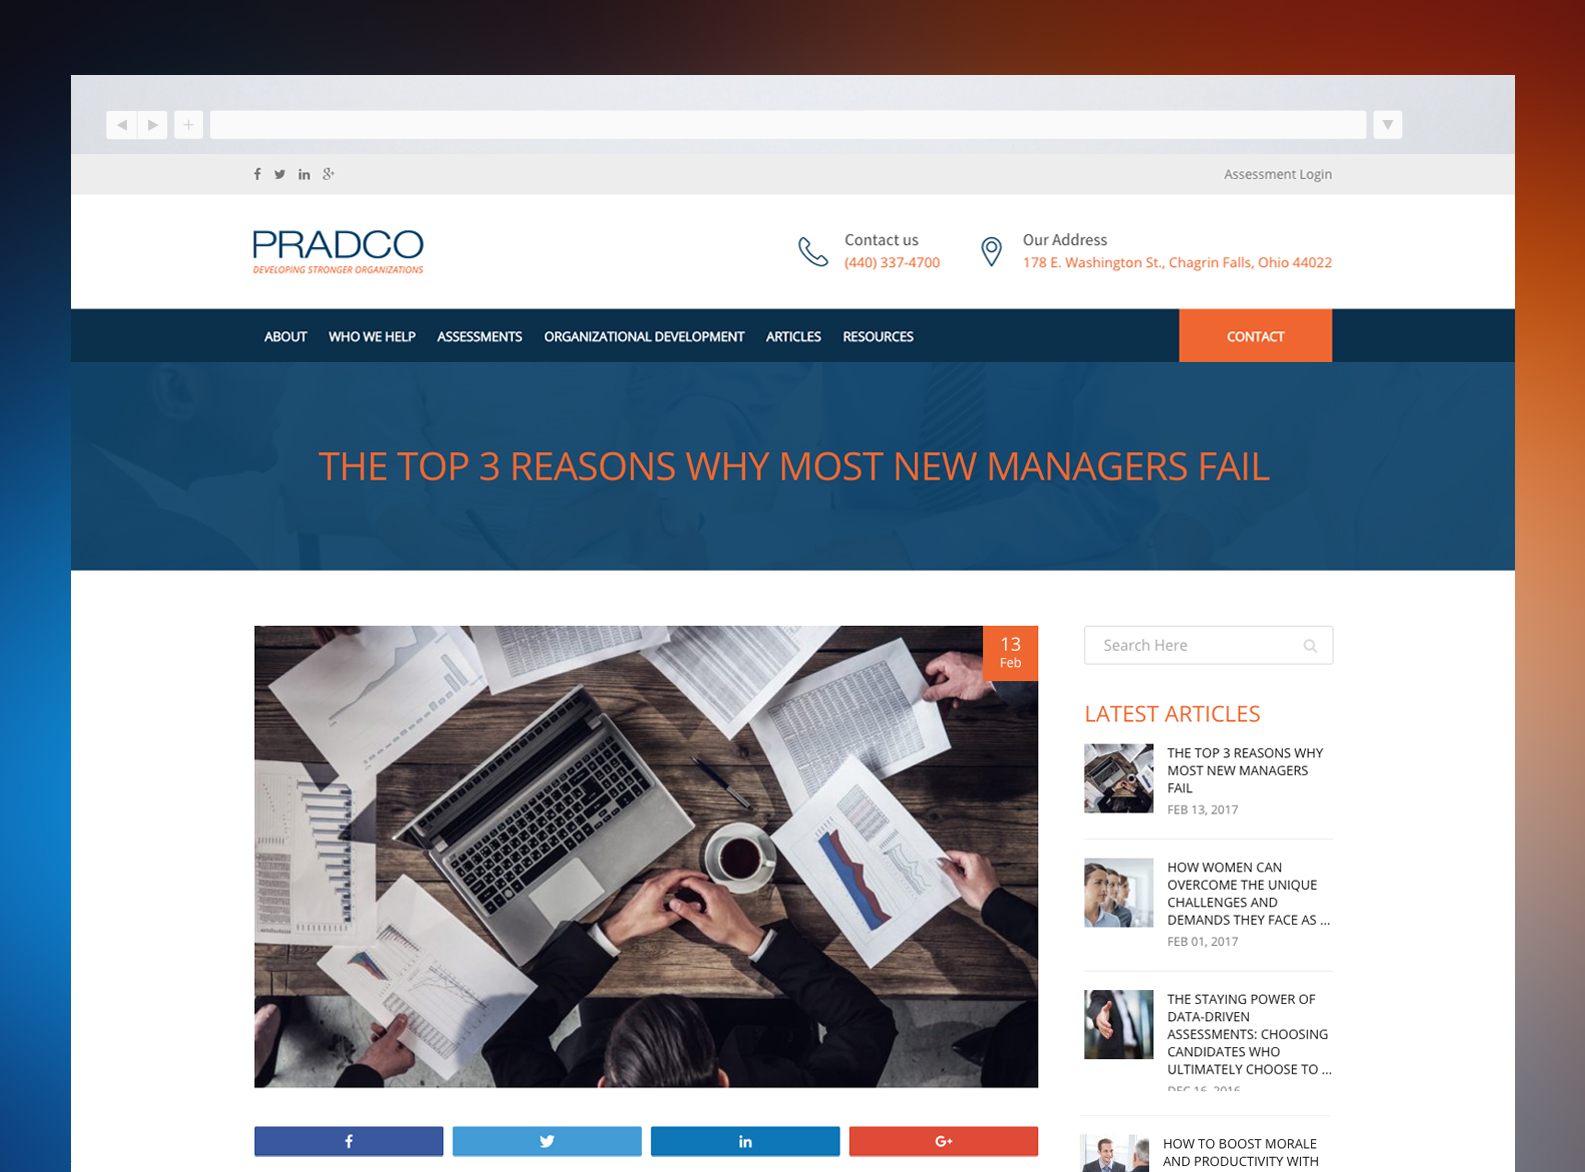 PRADCO Website Blog